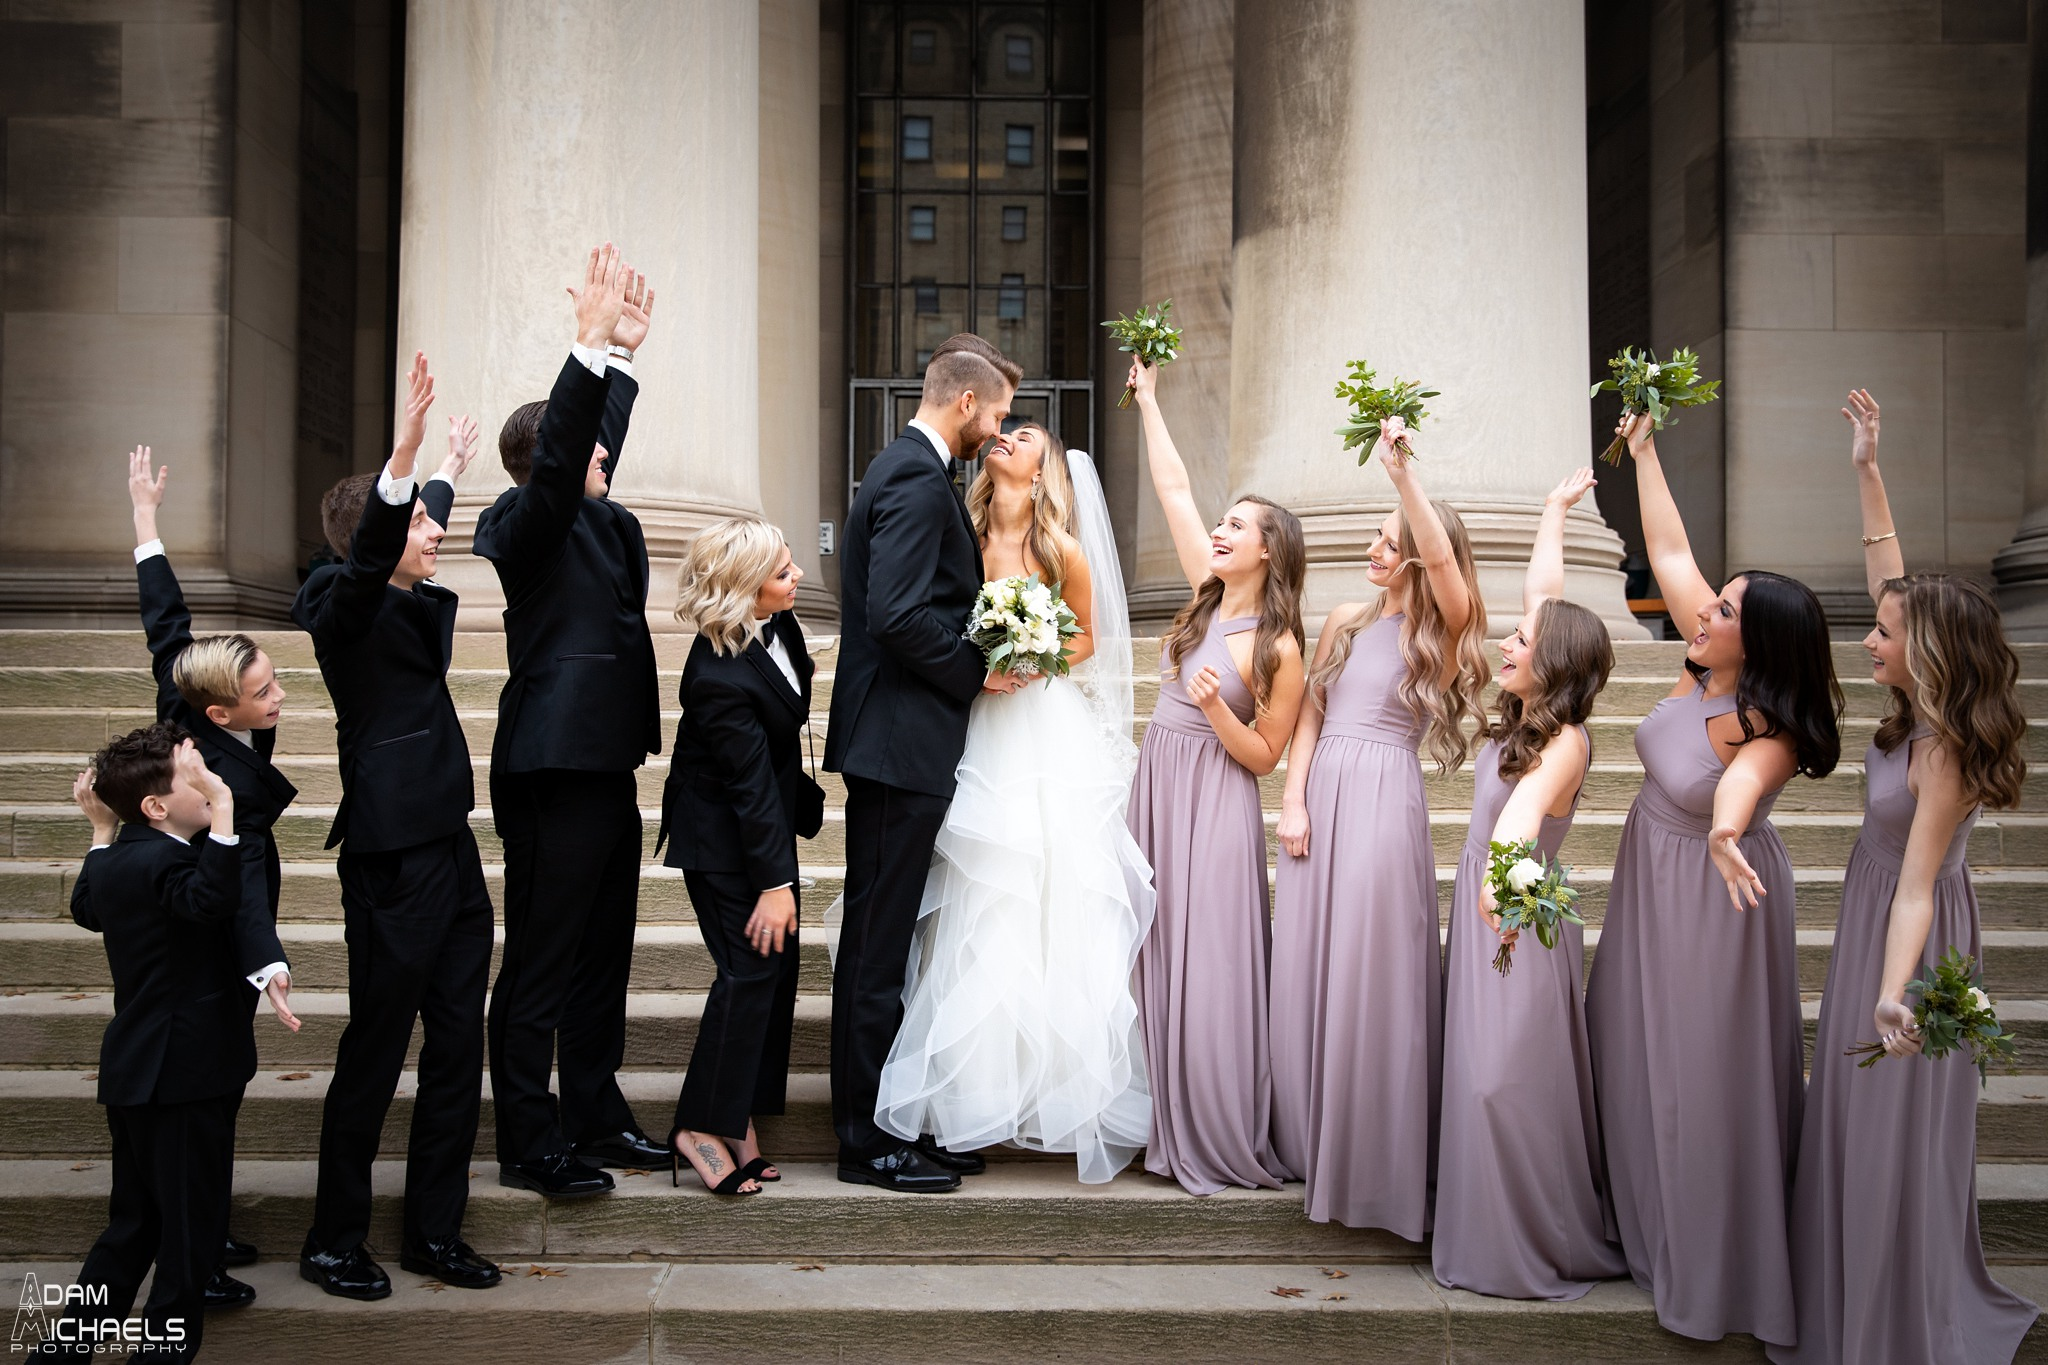 CMU Columns Winter Wedding Pictures_2725.jpg